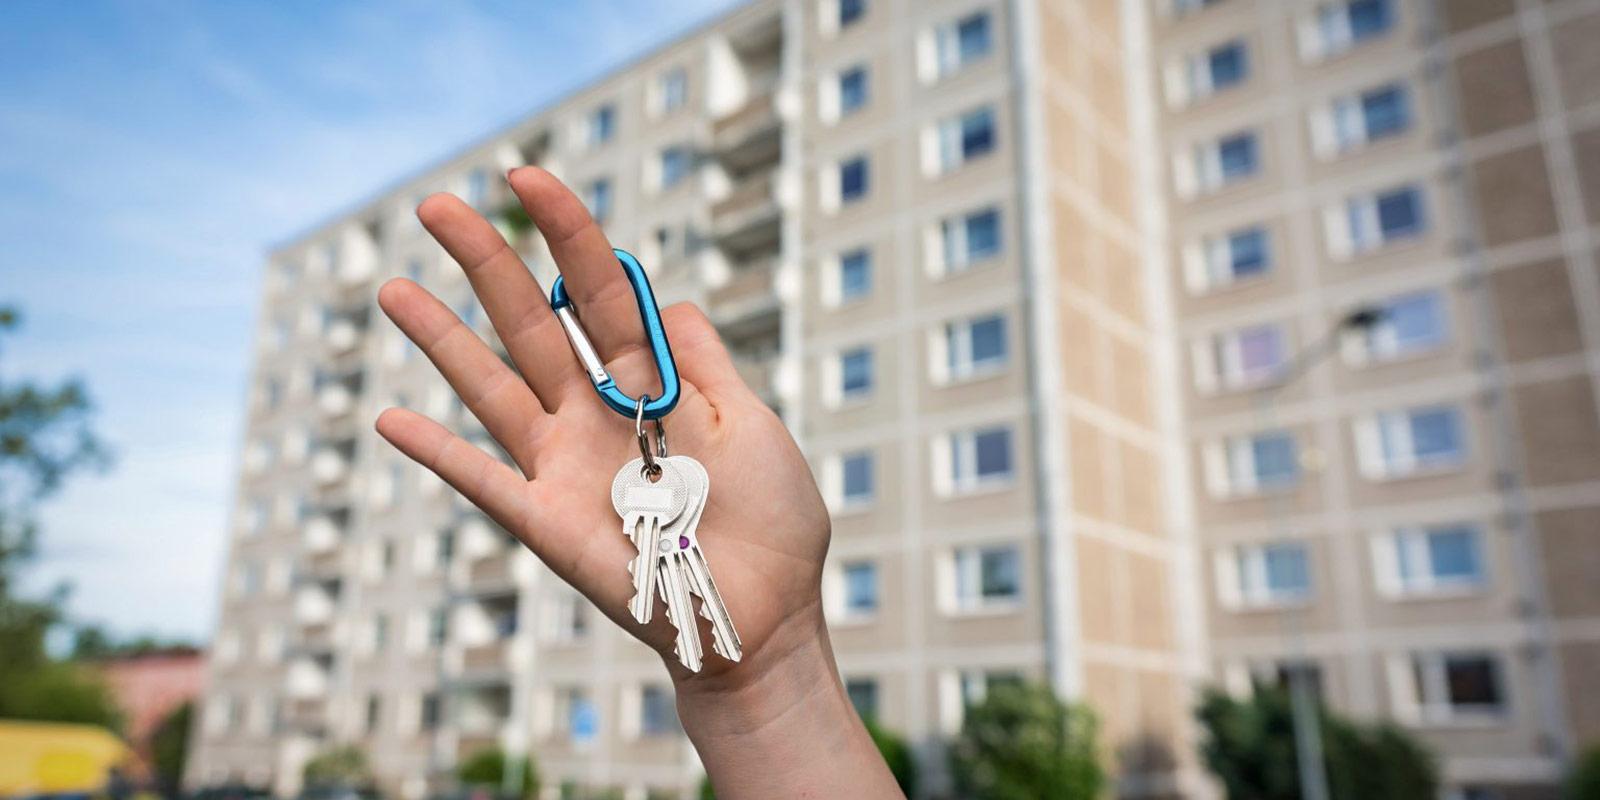 Poptávka po hypotékách překonává rekody, proč investovat do bydlení právě nyní?